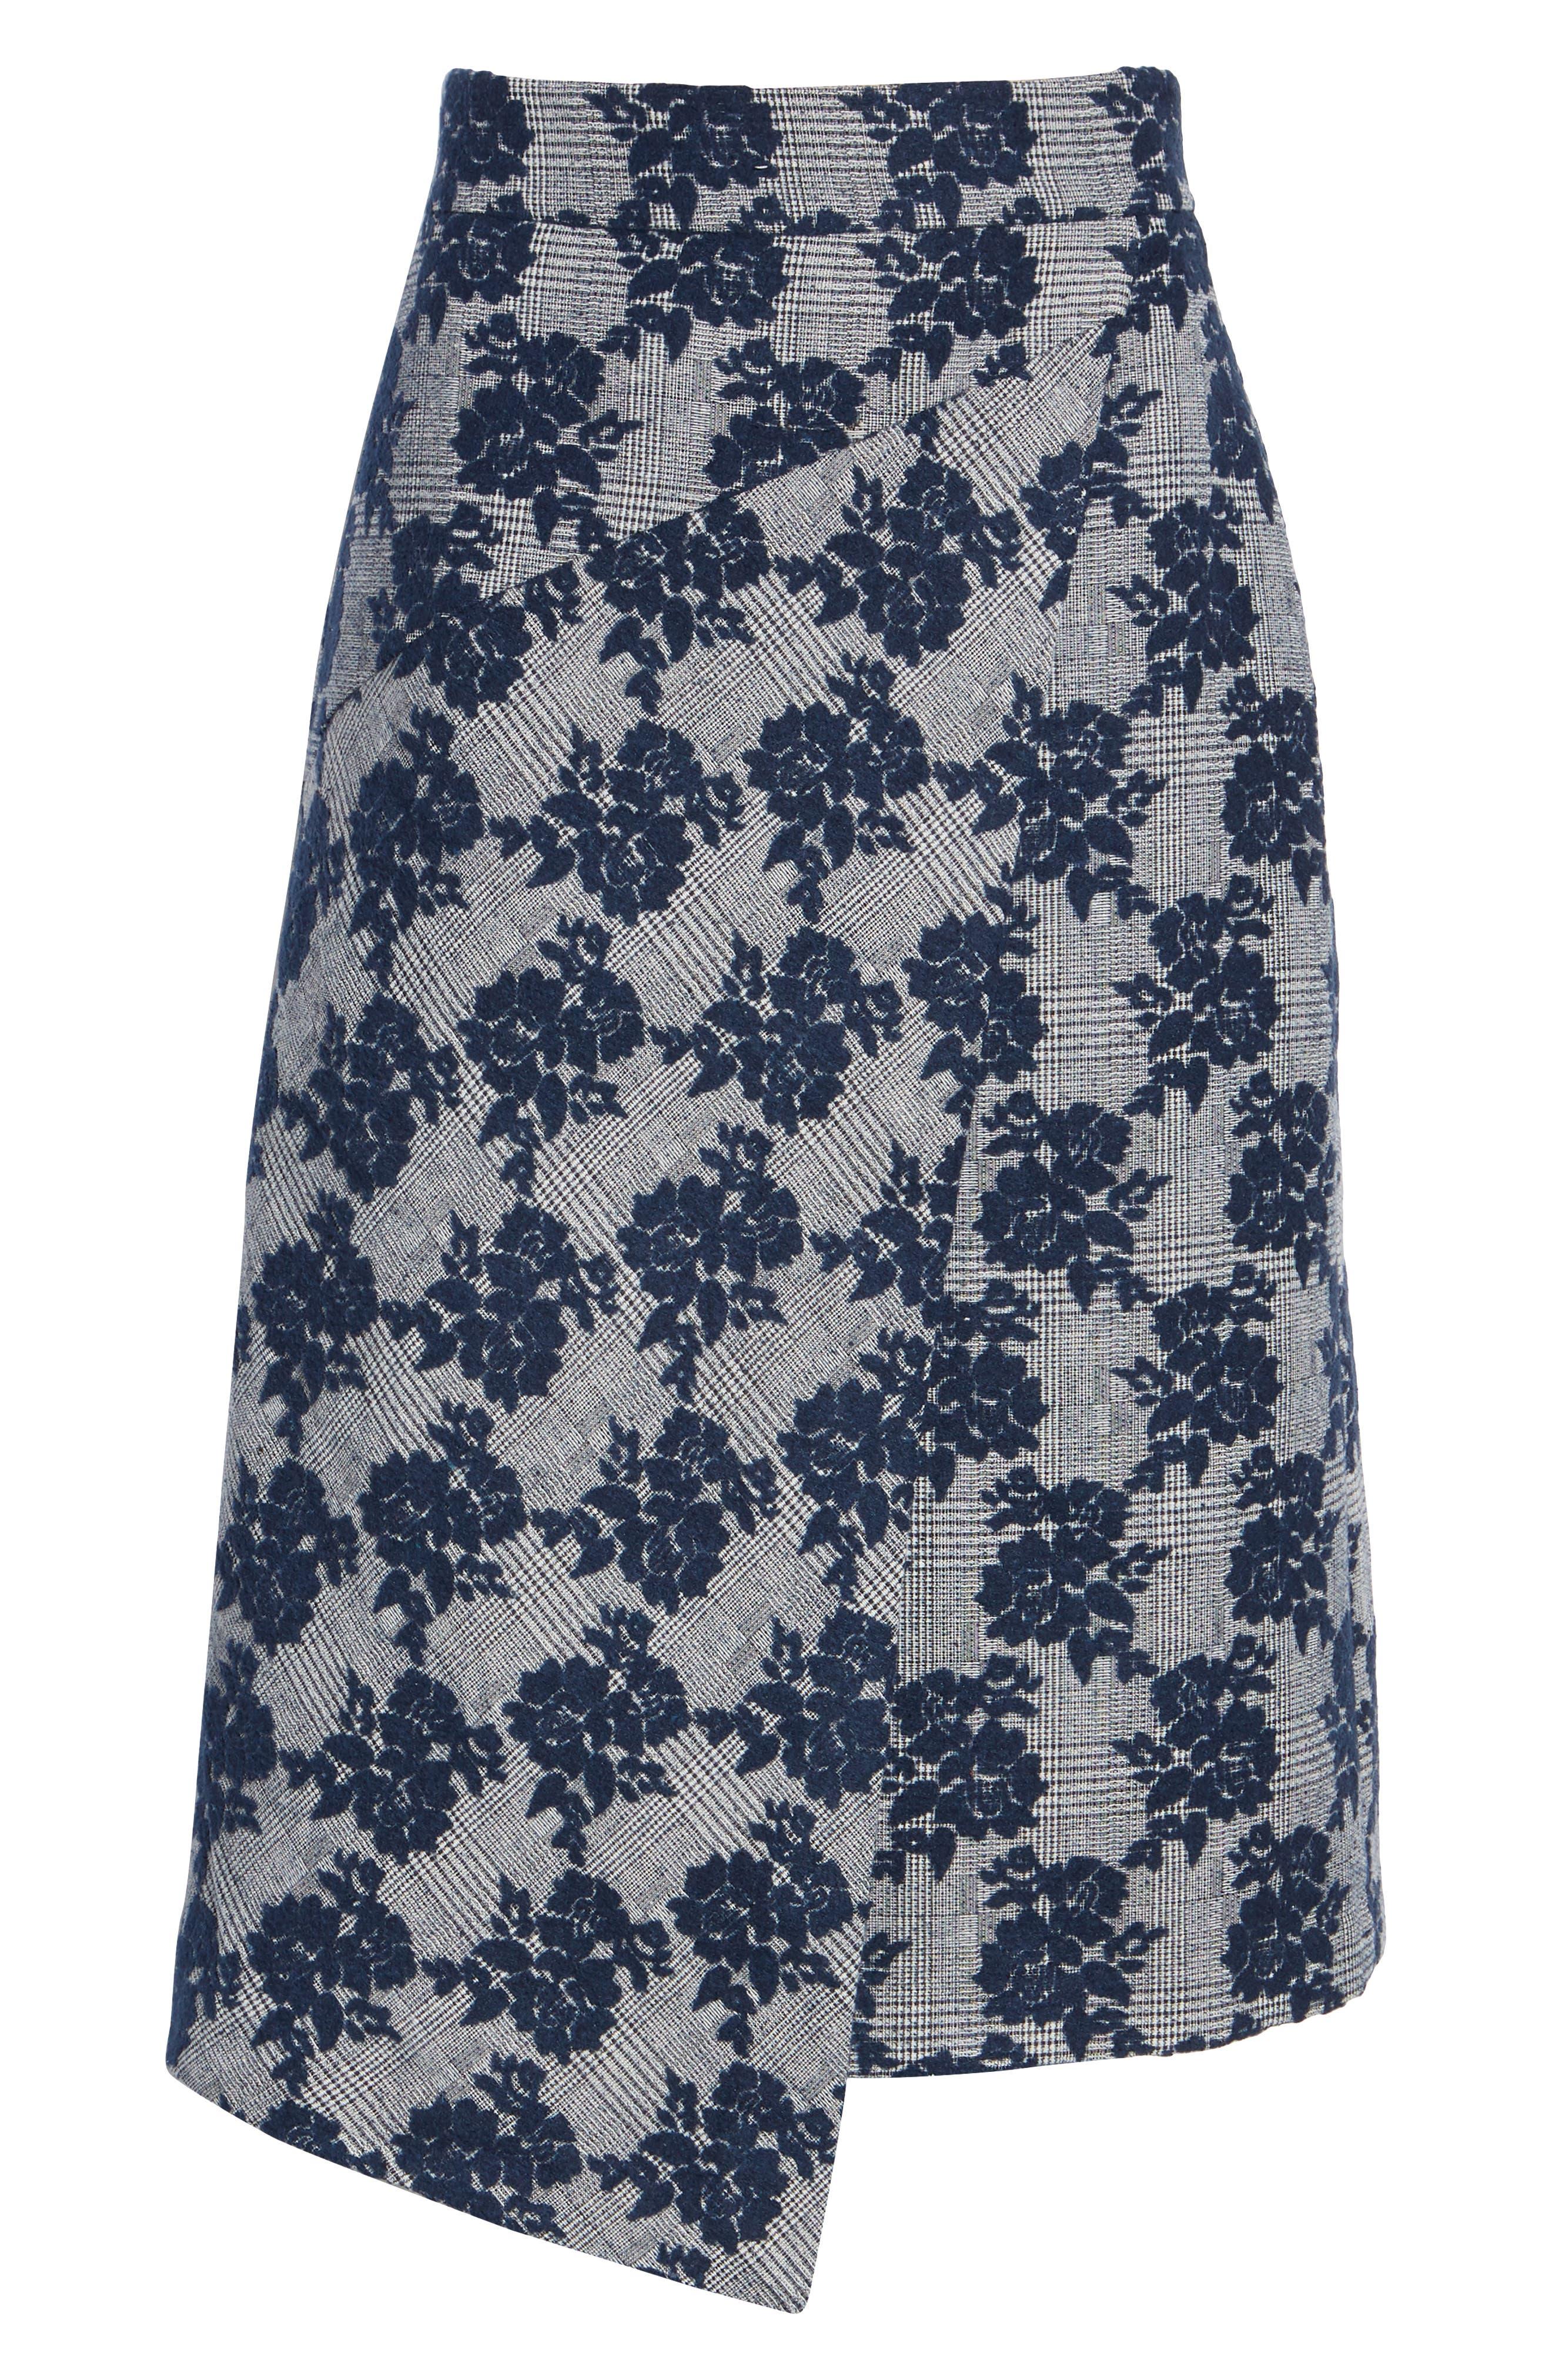 Floral Plaid Asymmetrical Skirt,                             Alternate thumbnail 6, color,                             BLUE PLAID FLORAL